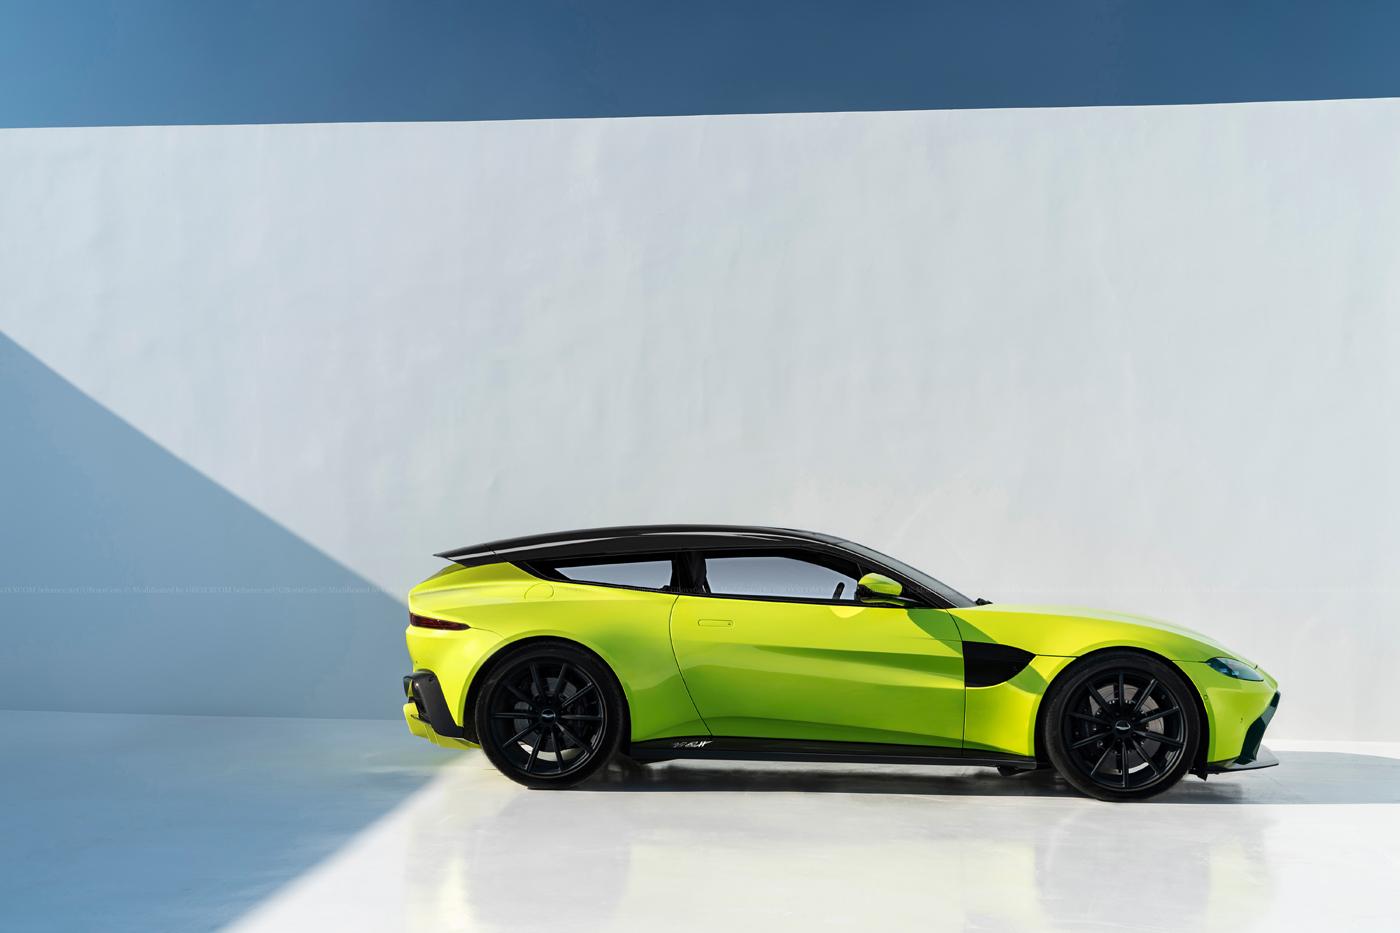 2018 Aston Martin Vantage Shooting Brake Rendering Makes